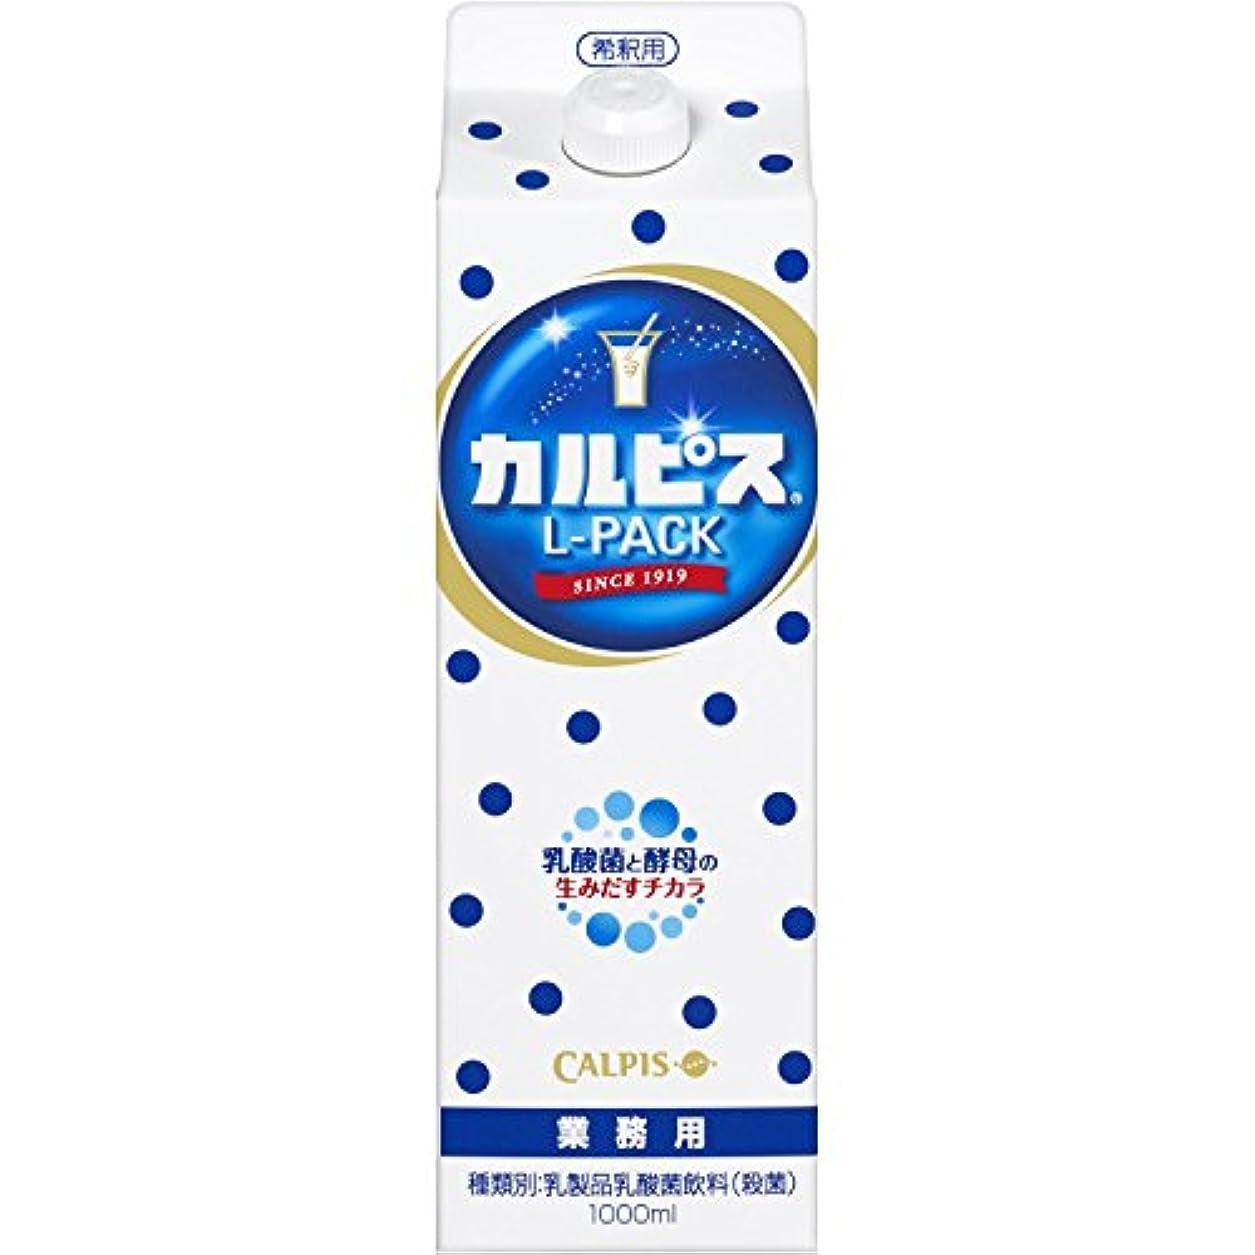 また伴う次へ〔飲料〕 カルピス 希釈用 1Lパック 6本  (CALPIS)(1000ml)(業務用) アサヒ飲料